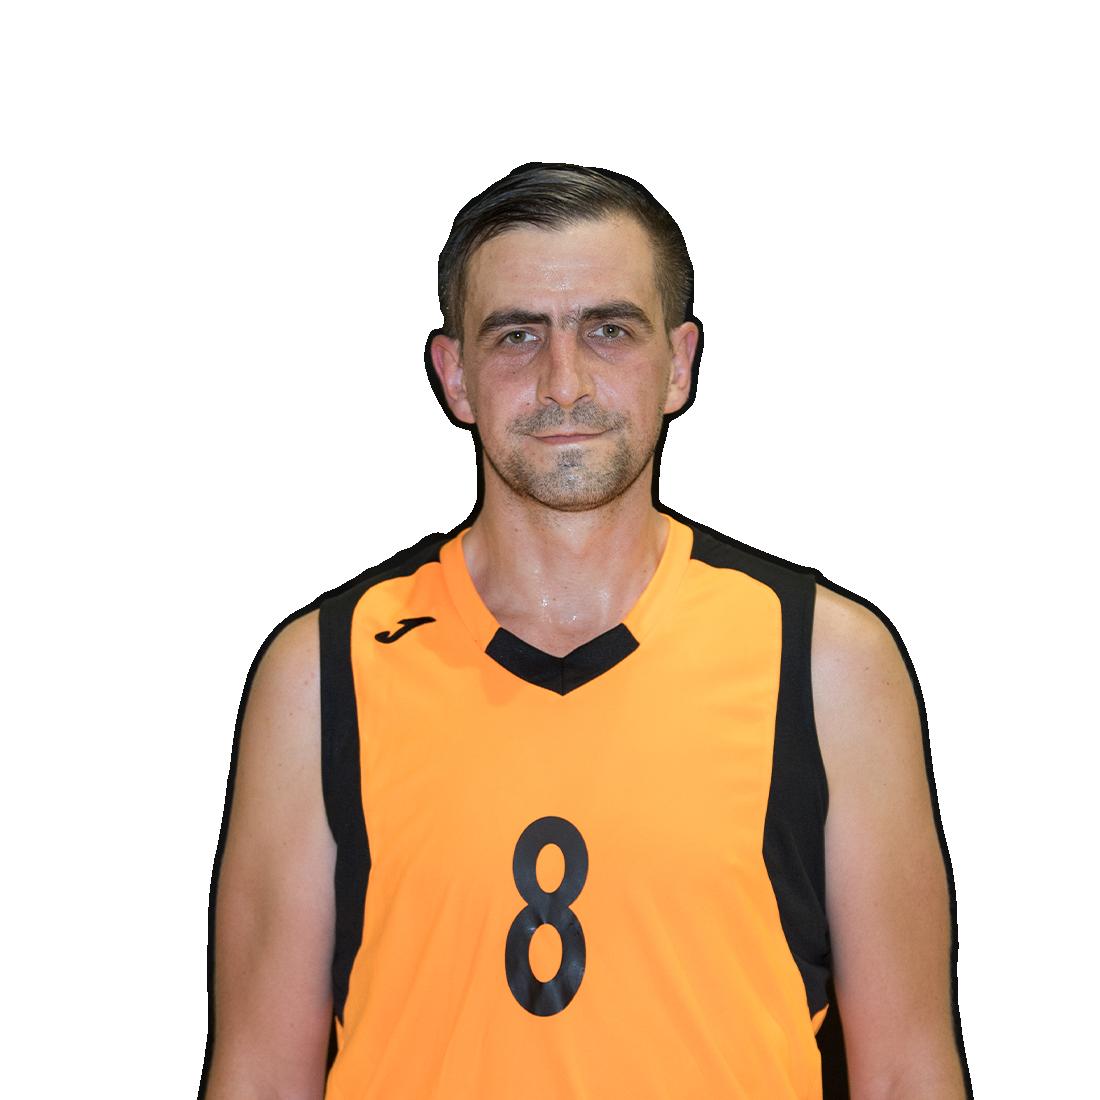 Maksymilian Konarski